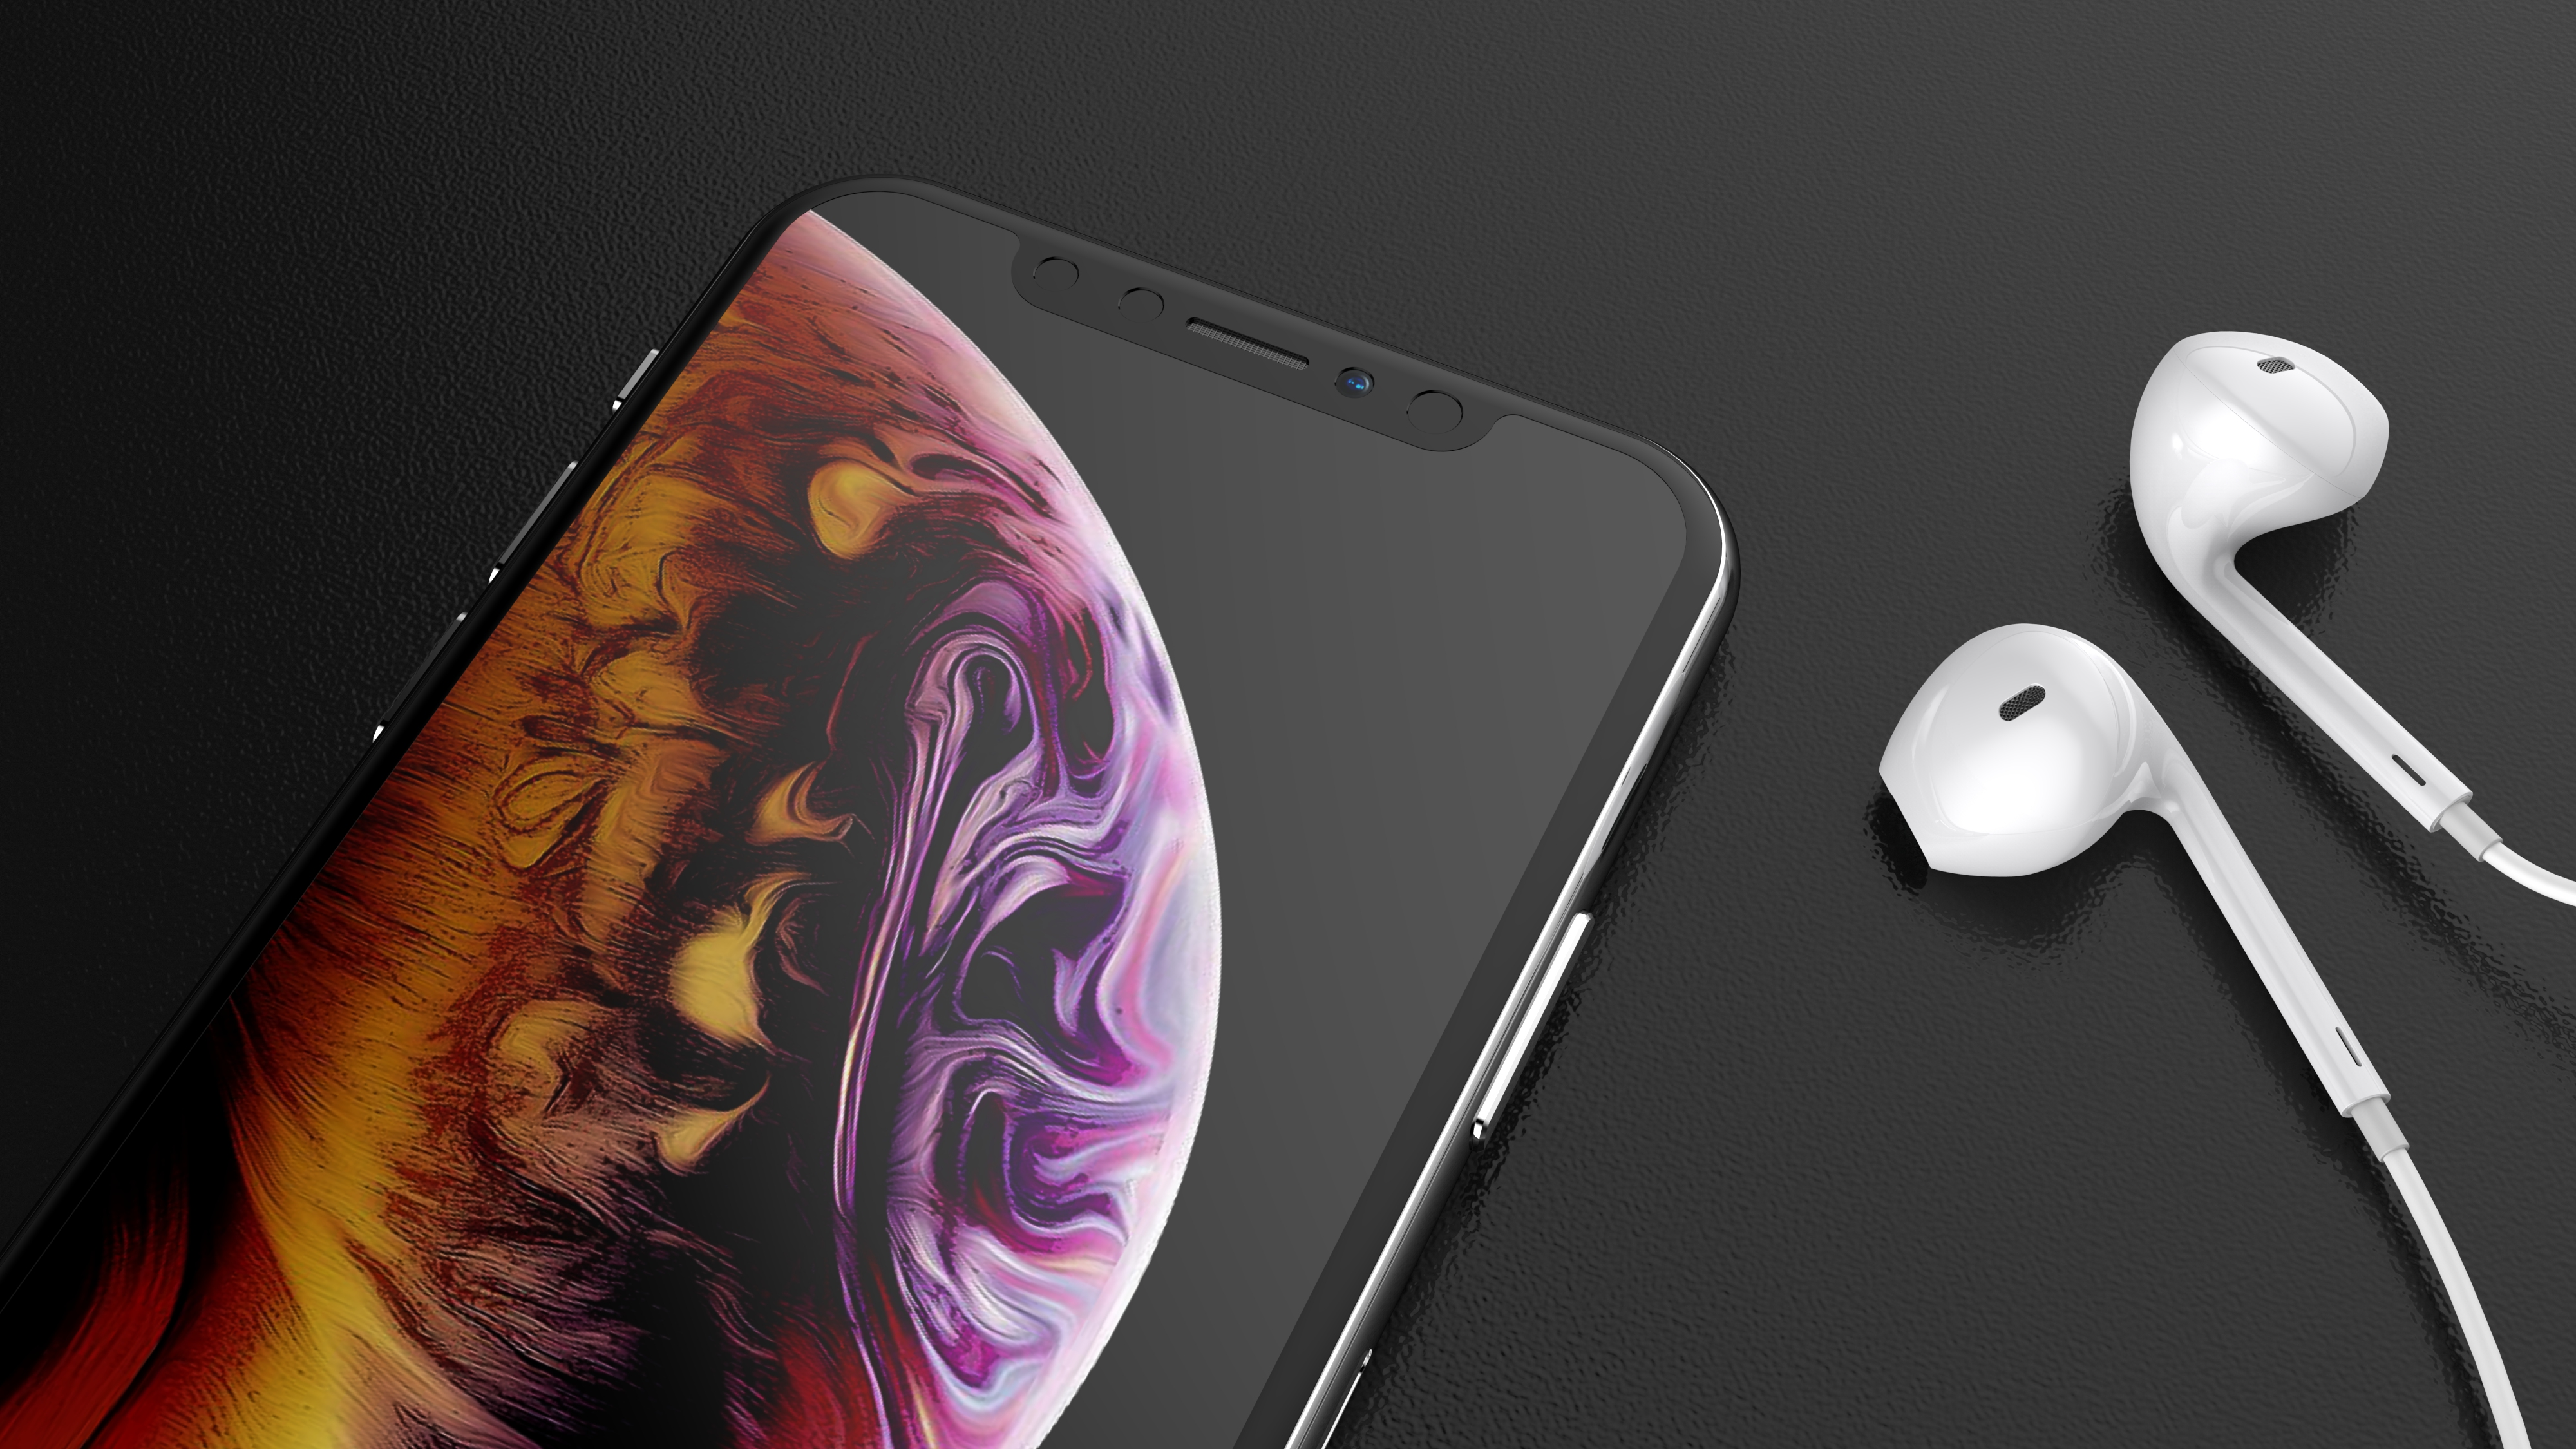 不知道是苹果几的手机渲染